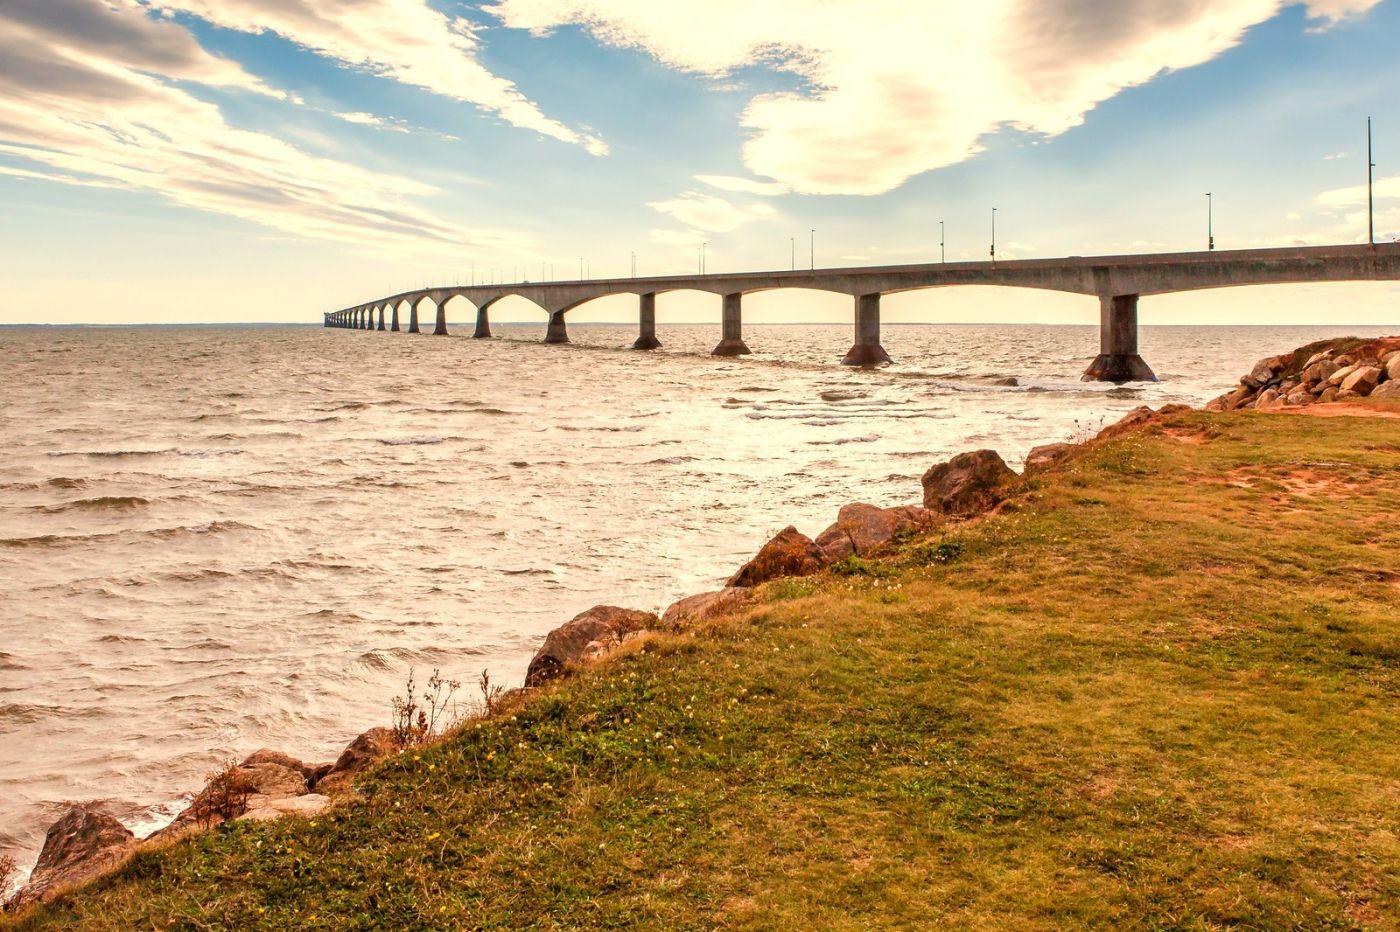 加拿大风景,长桥前逗留_图1-14